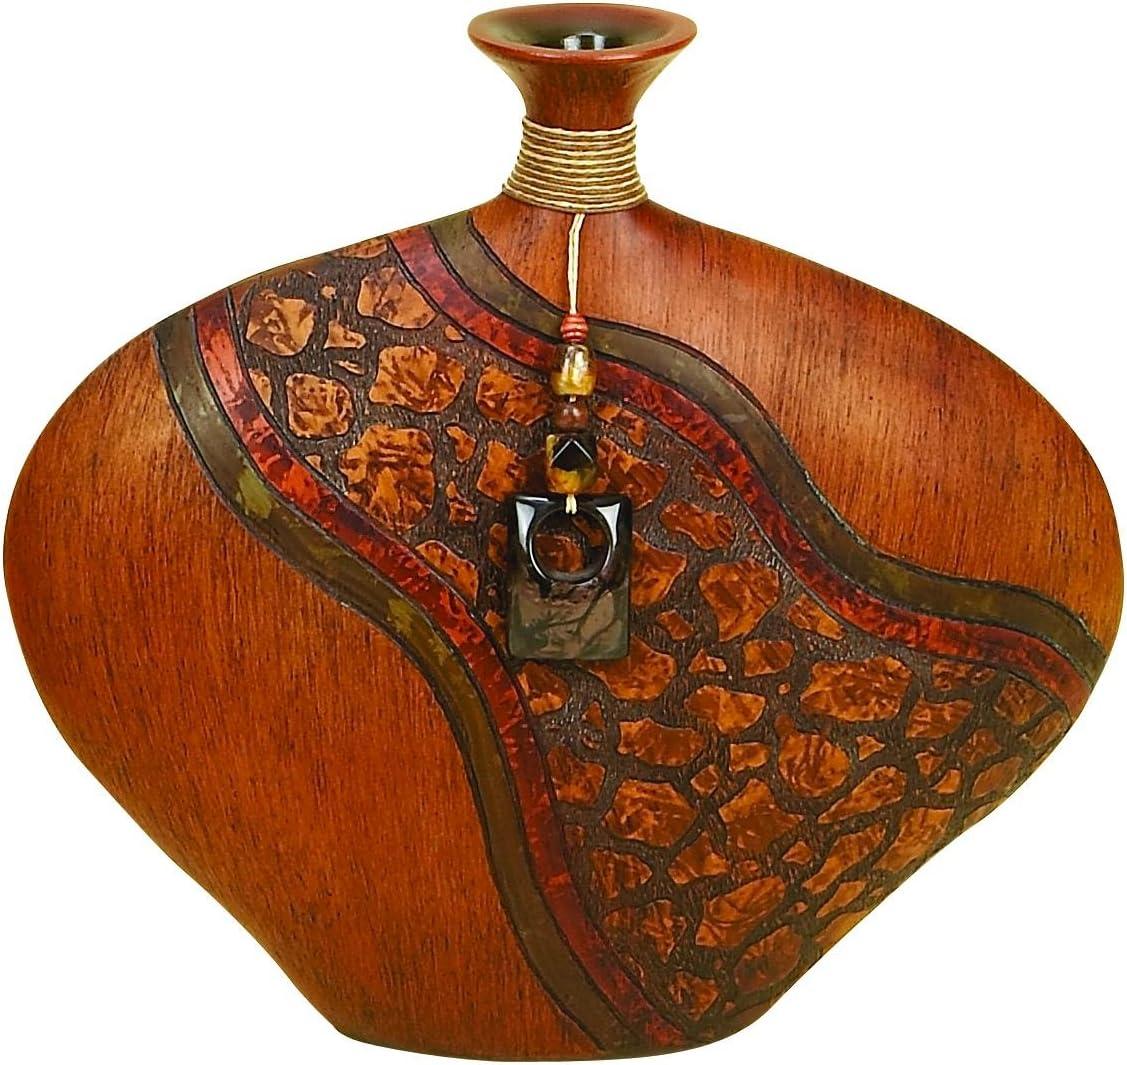 Deco 79 75953 Decorative Vase, 16 x 14